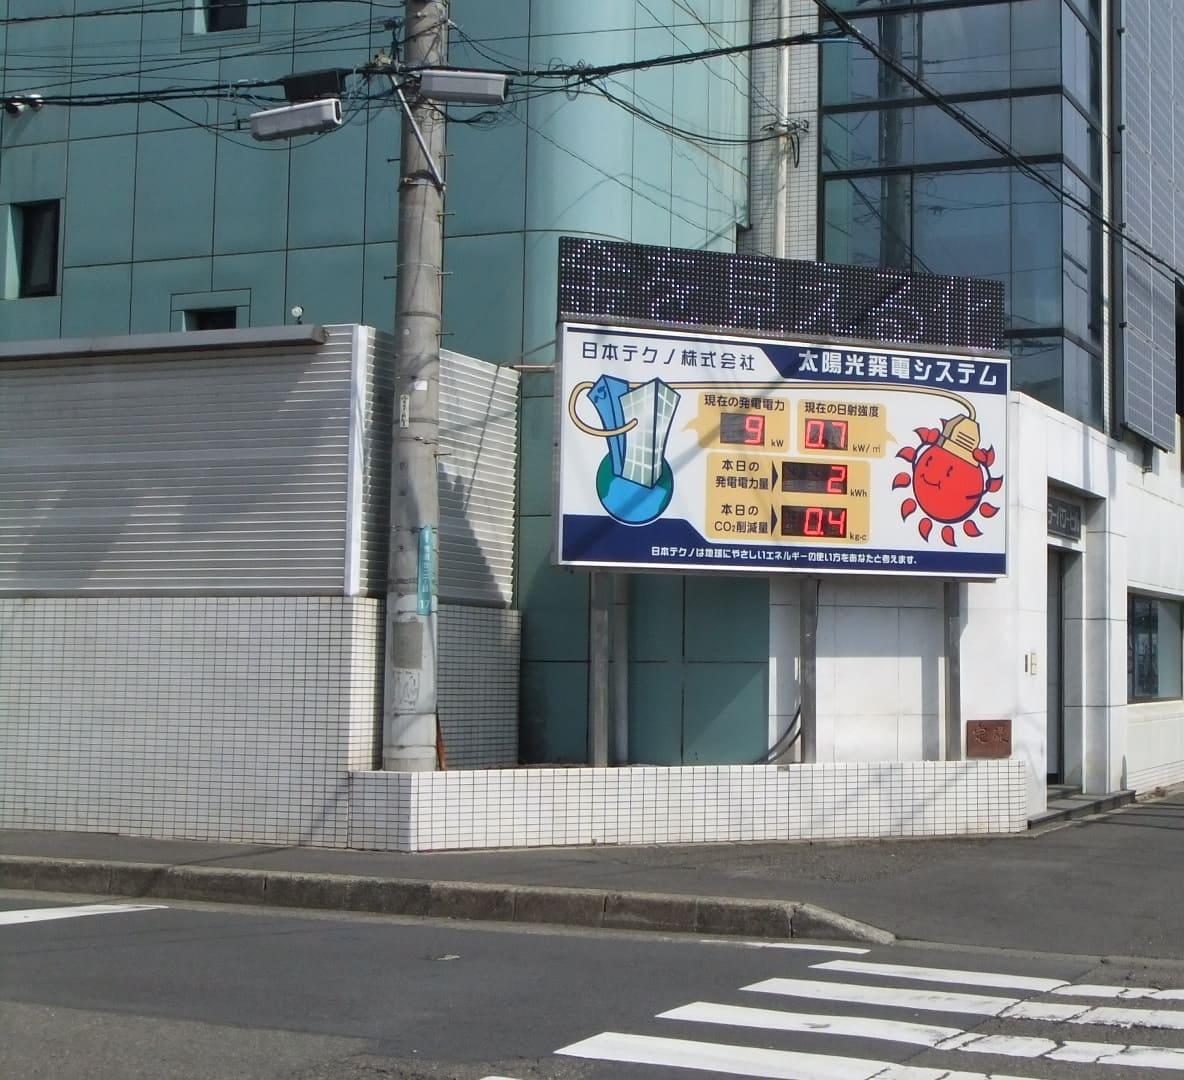 日本テクノ株式会社ソーラーパワービル 様